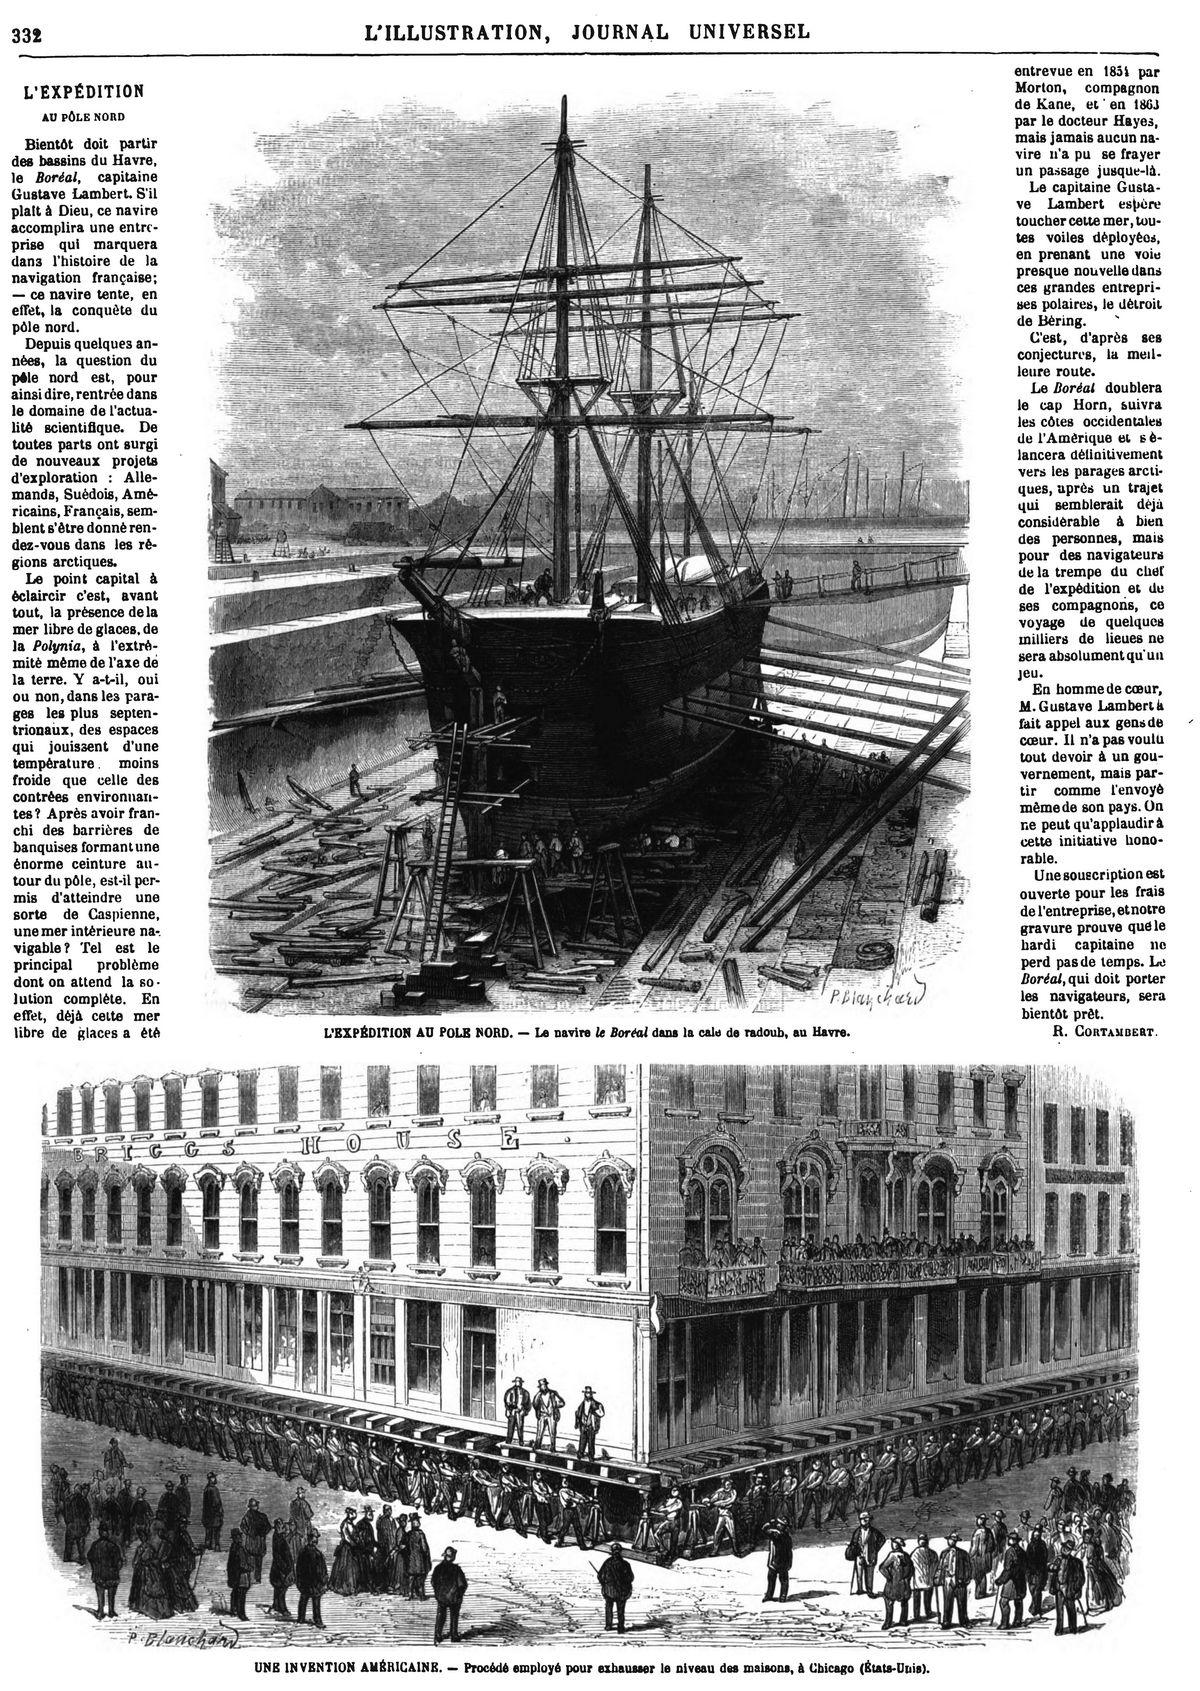 L'Expédition au pole Nord: Le navire le Boréal dans la cale de radoub, au Havre,